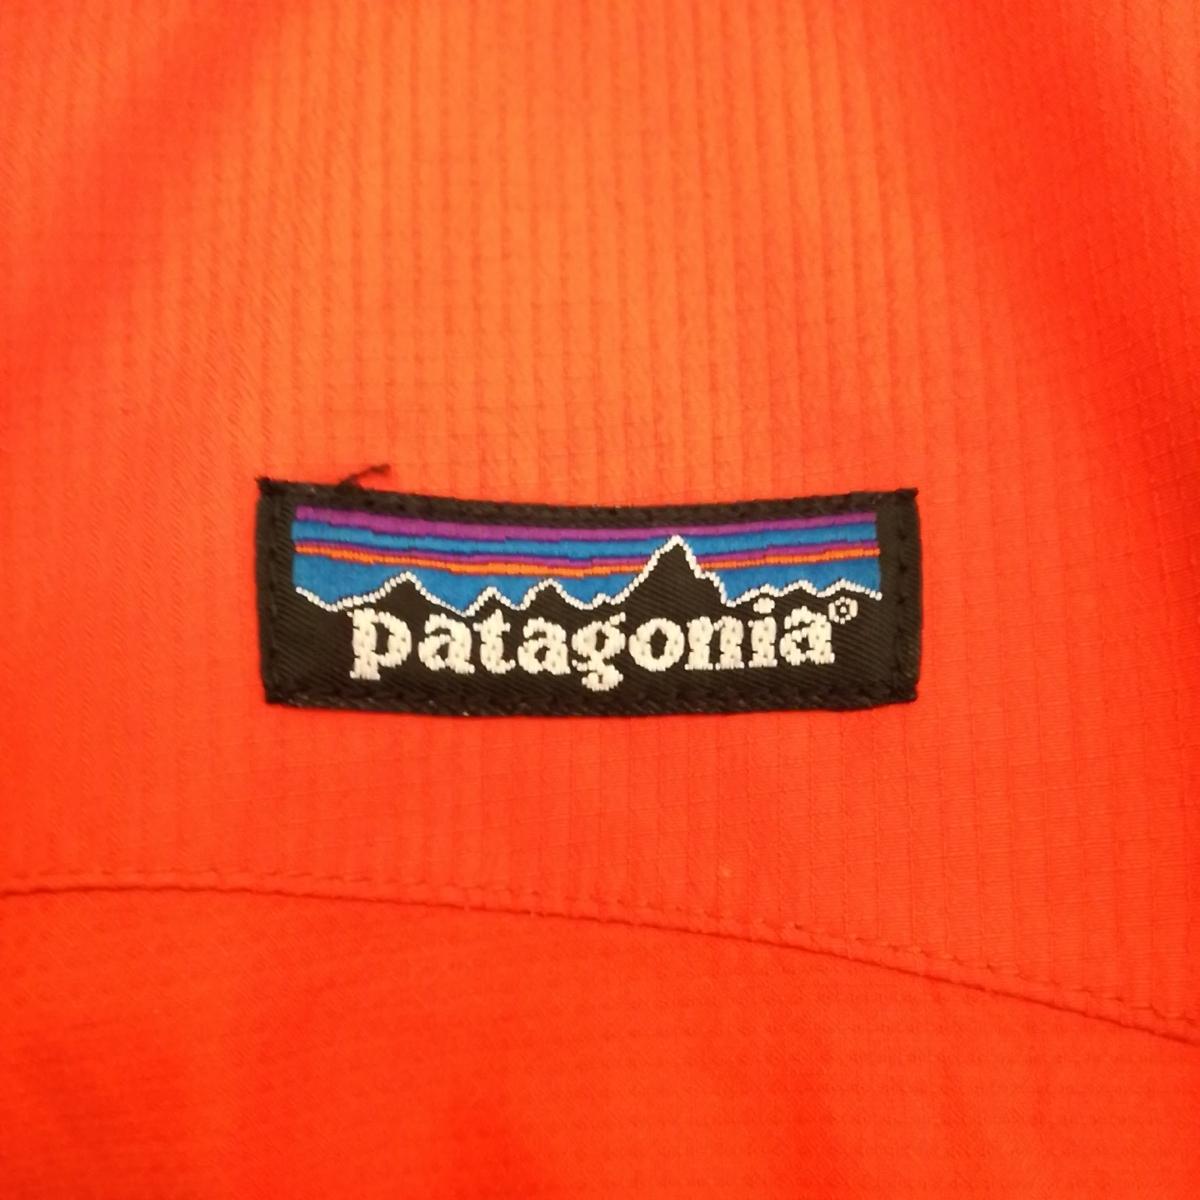 激レア希少2001年モデル!パタゴニアpatagonia イーサージャケット 83405 ゴアテックス 最高峰アルパイン マウンテンパーカー オレンジM_画像5